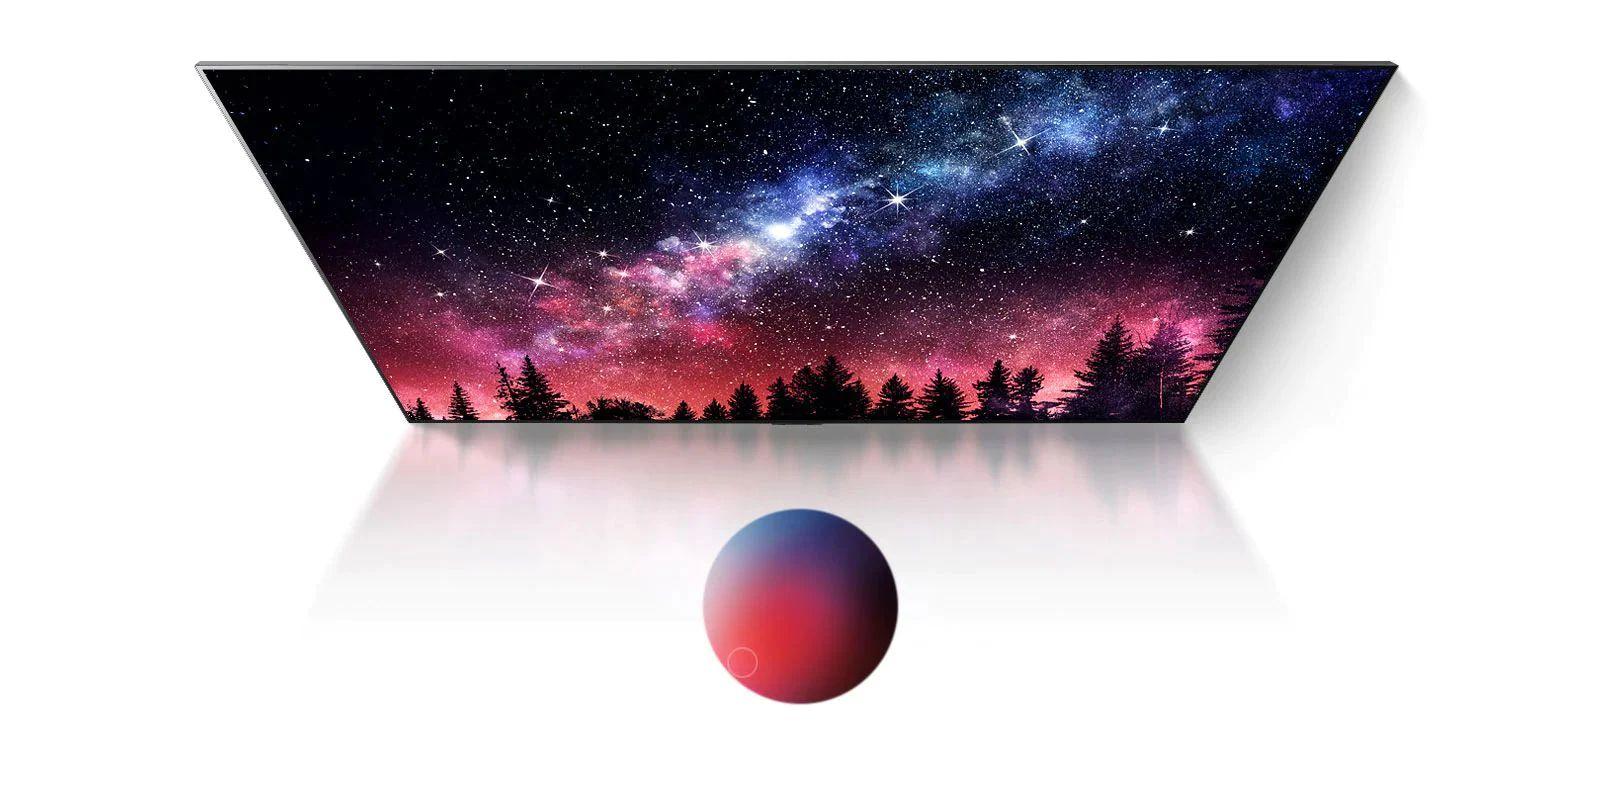 Экран телевизора, на котором показан млечный путь, голубое небо и взрыв разноцветной пыли в отличном качестве (просмотр видео)